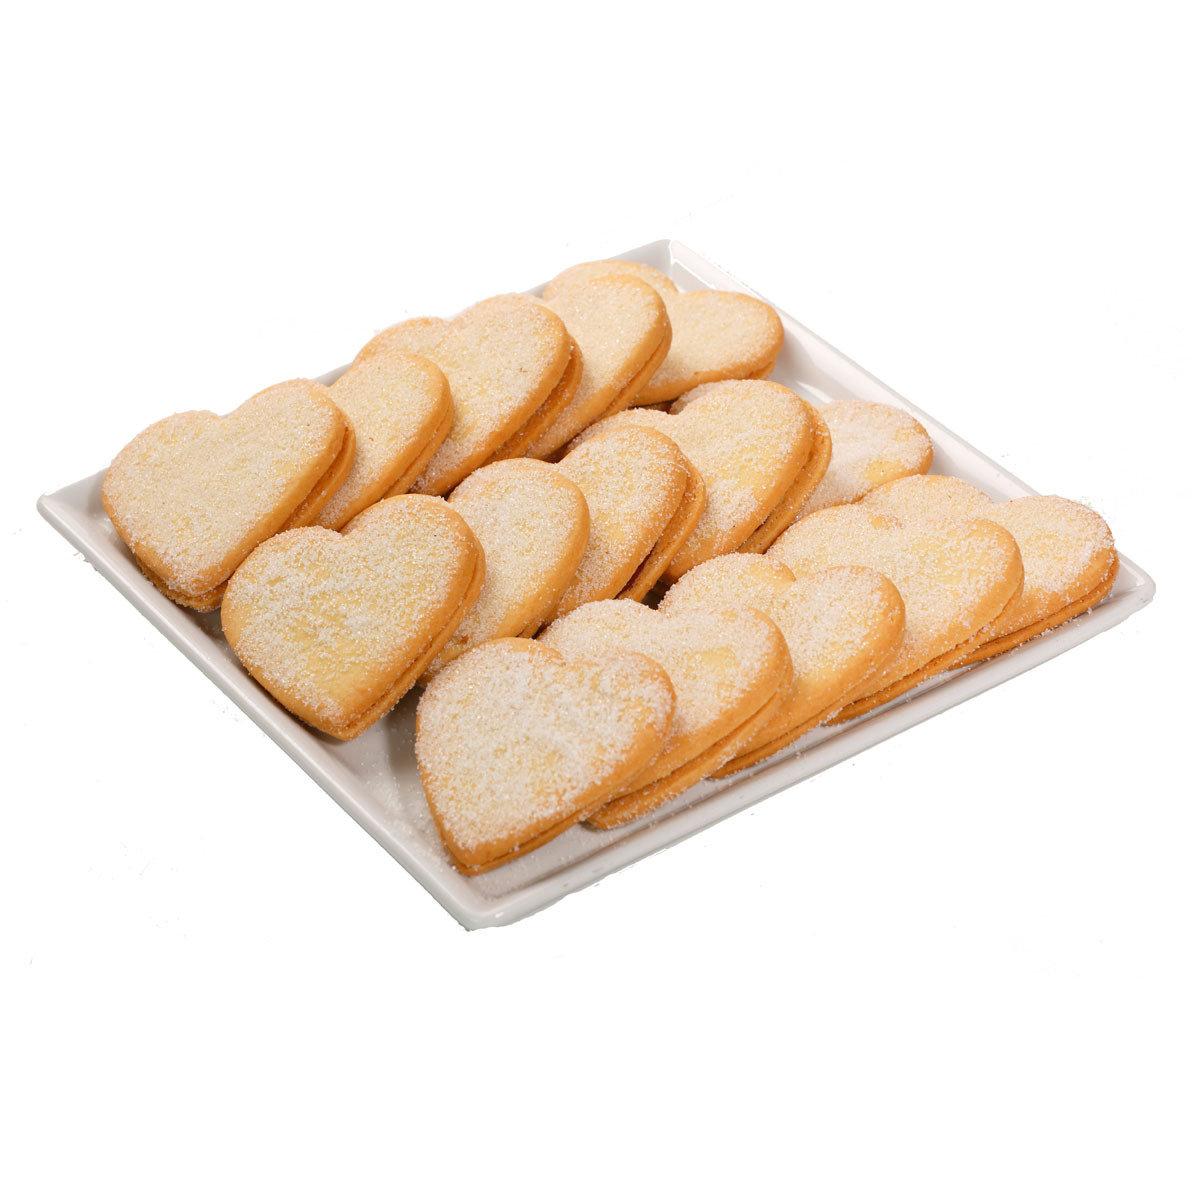 Sydänkeksi (1 kg) bakery118